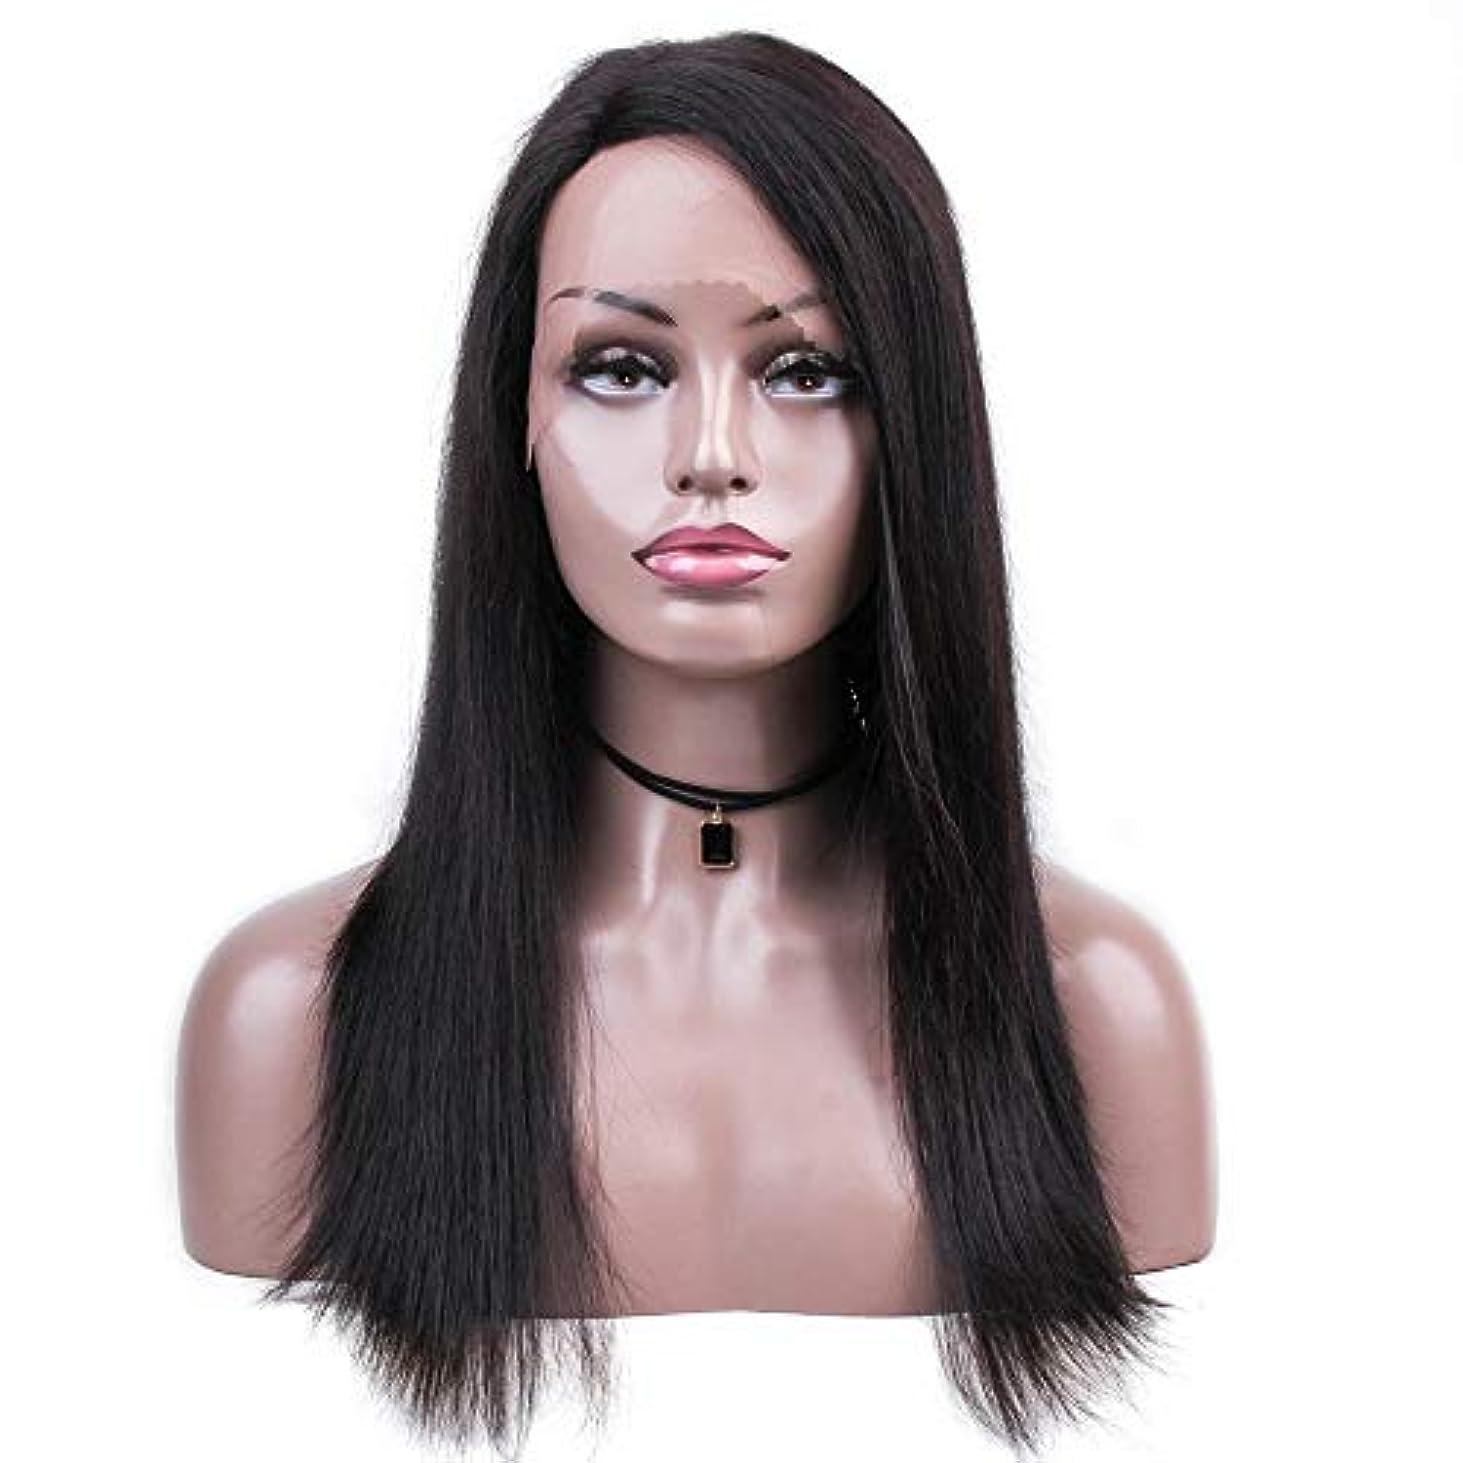 スラム街櫛八百屋さんJULYTER 18インチブラジル人毛ウィッグ女性のためのシルキーアンコイルヘアフリー別れ実物色 (色 : 黒)